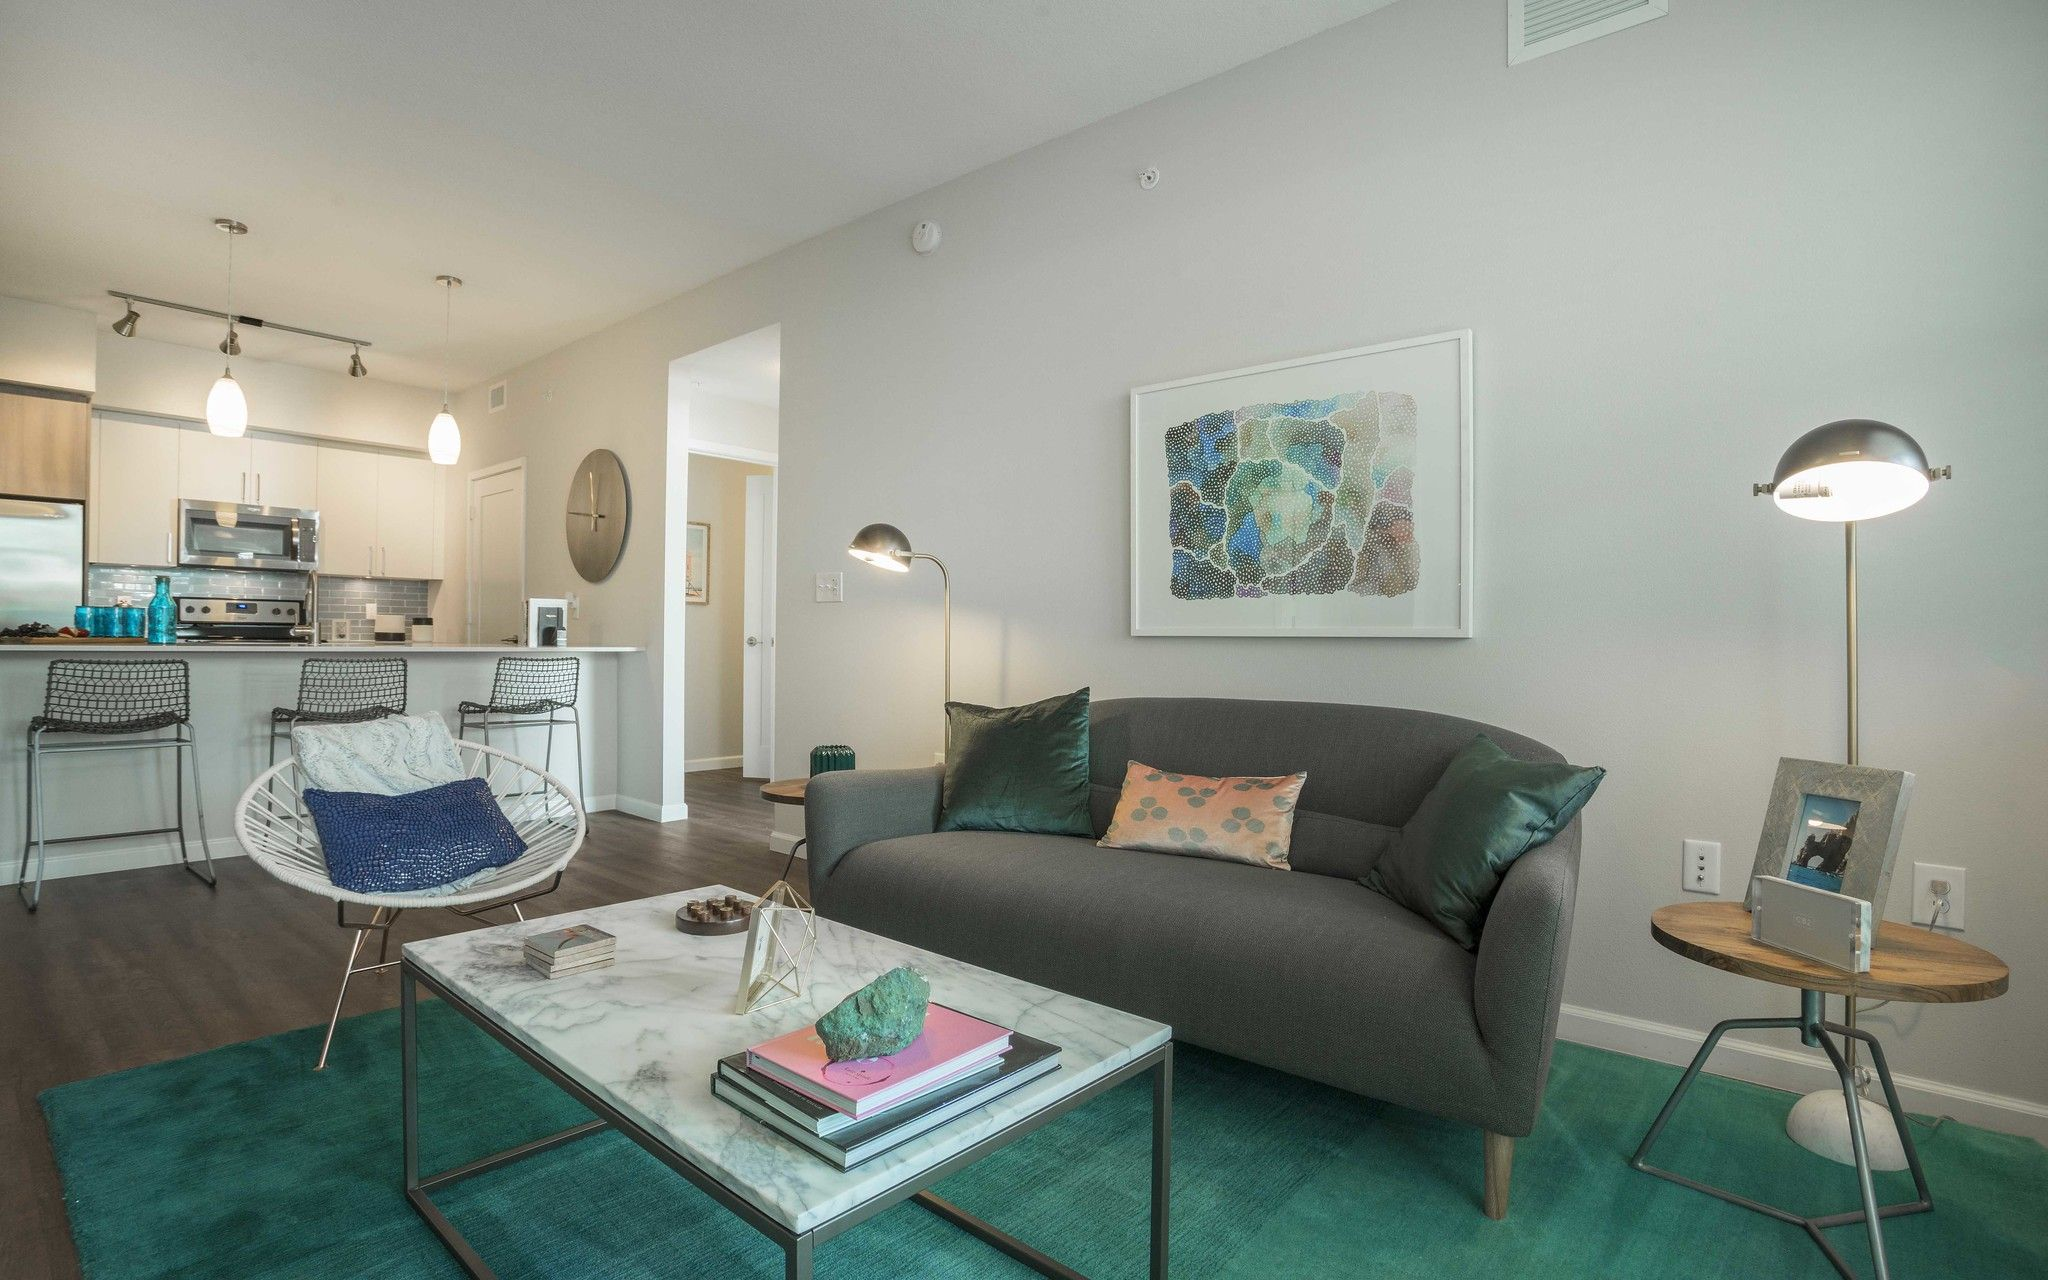 Delray Station Apartments Delray Beach Fl Living Room Inspiration Room Inspiration Living Room